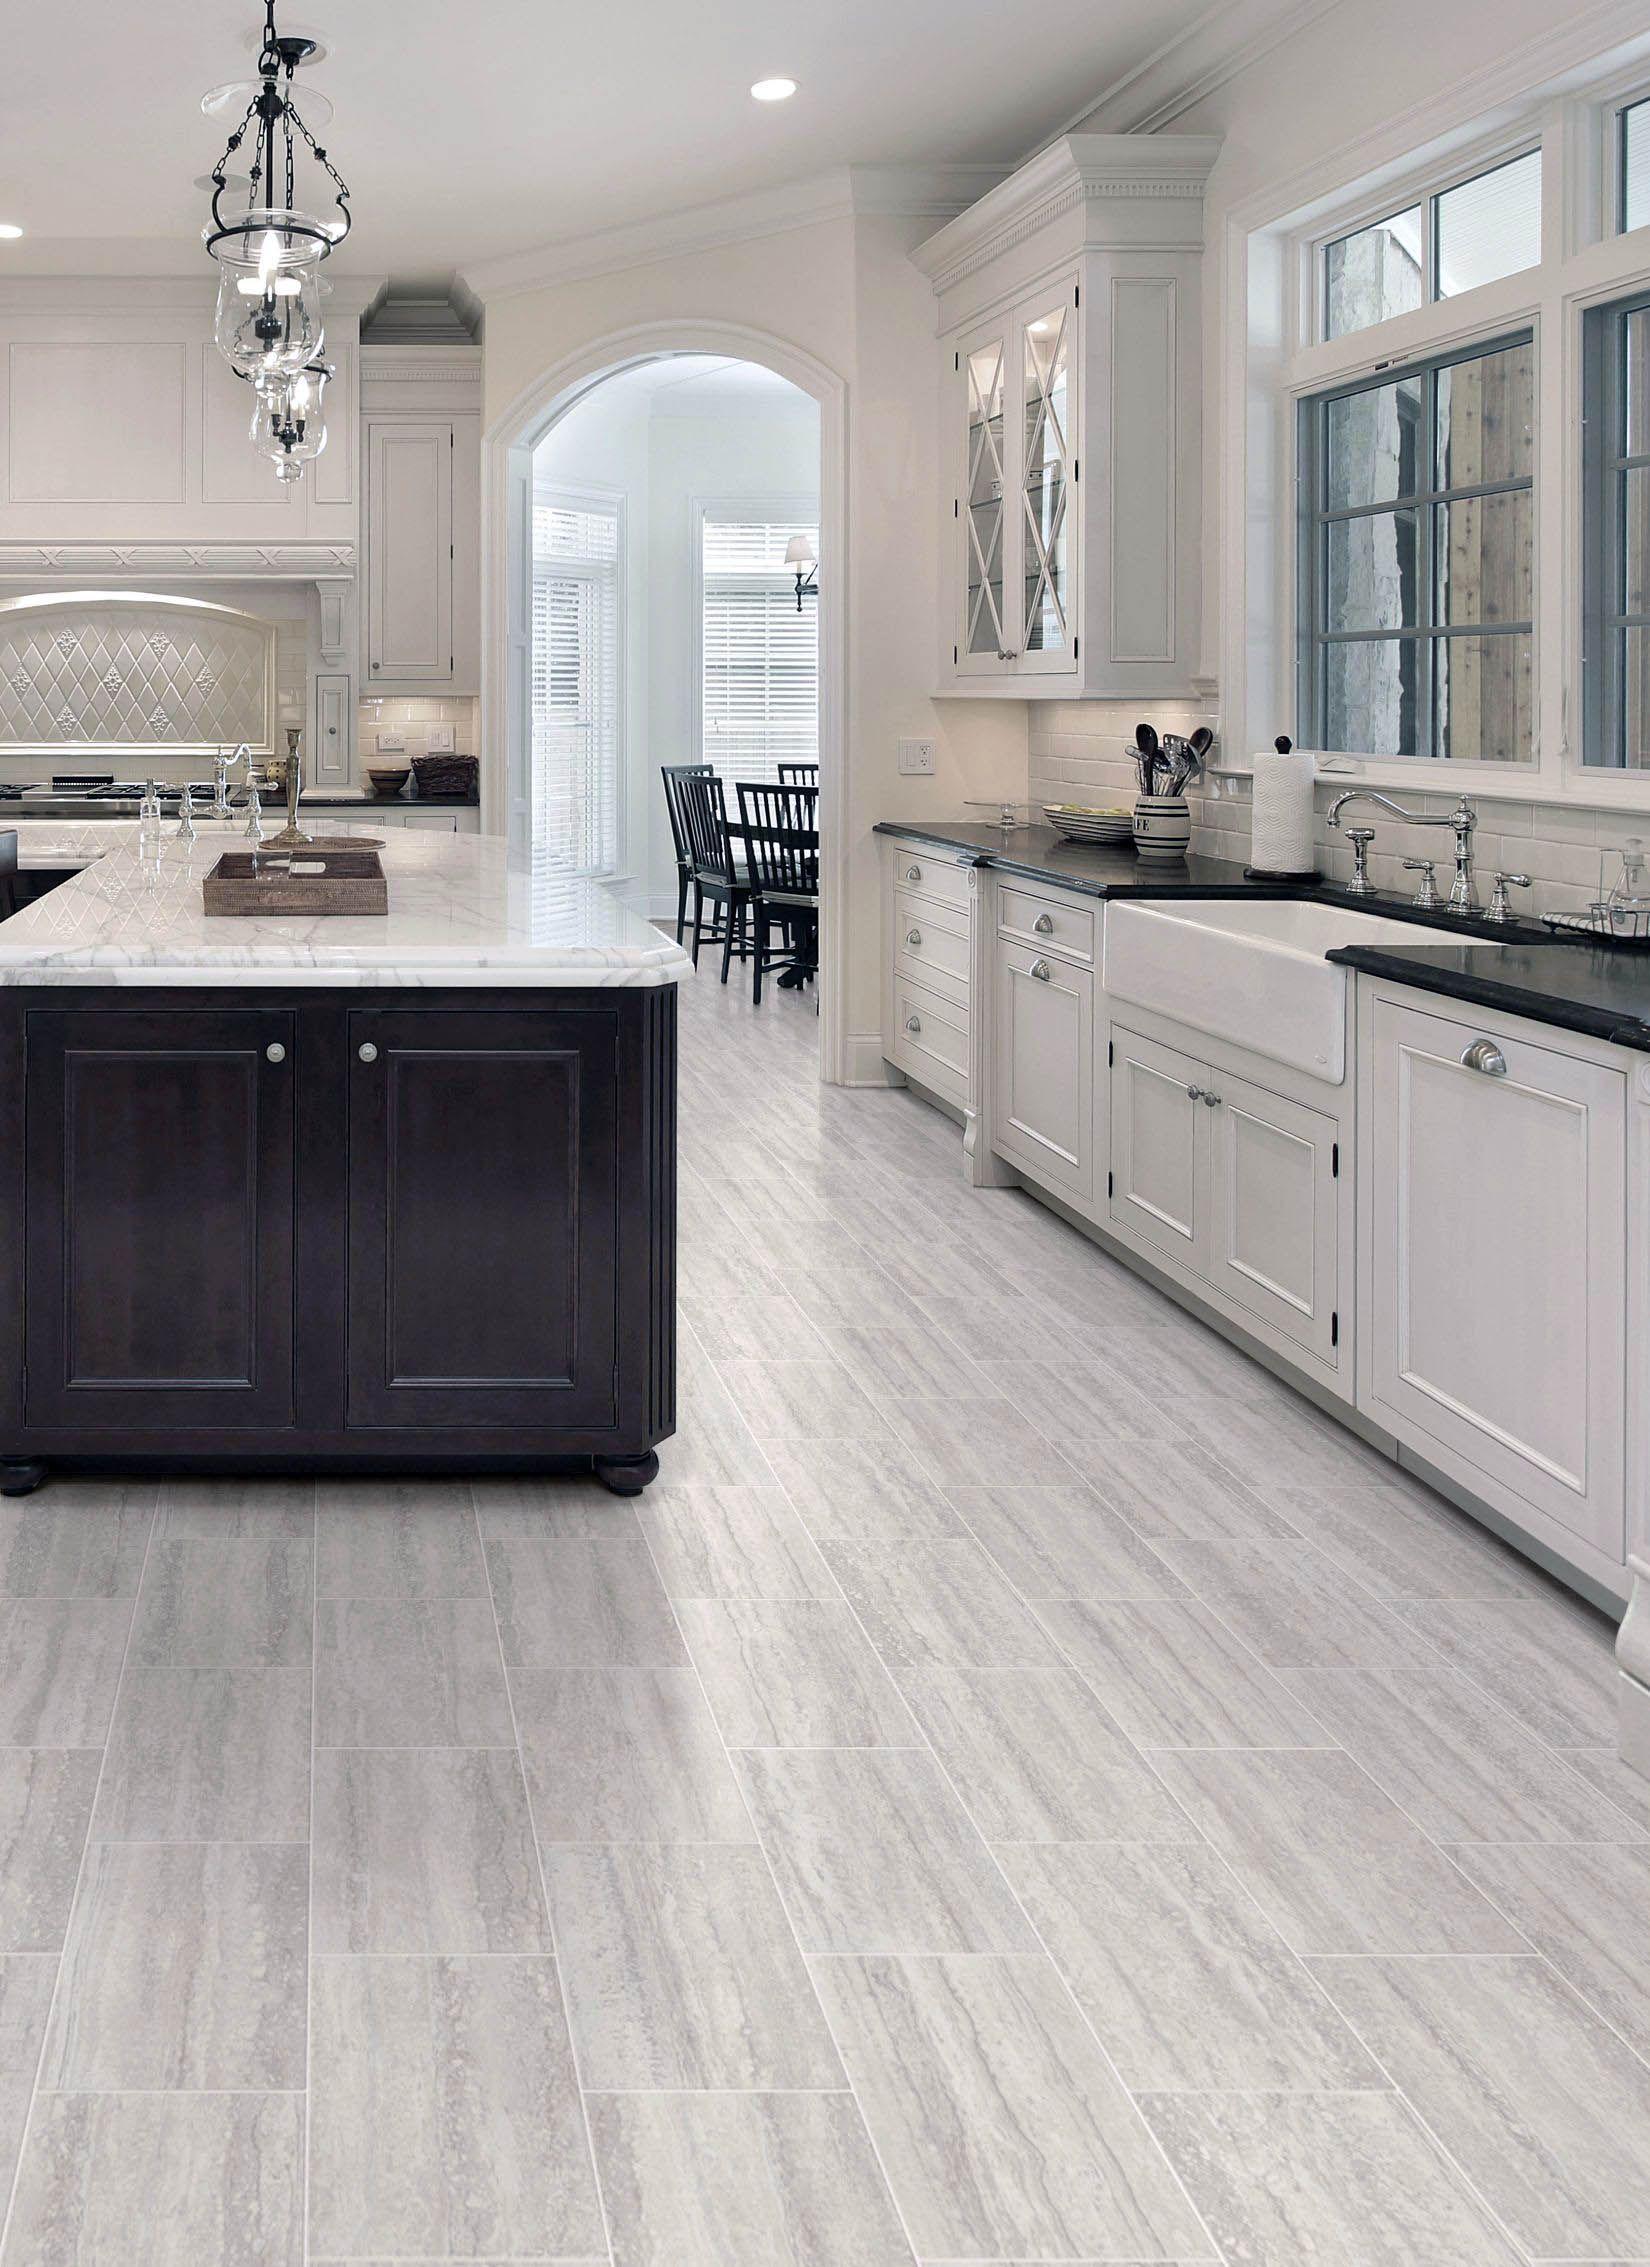 Pretty Kitchen Flooring Ideas For Dark Cabinets Only On Neuronhome Com Kitchen Vinyl Modern Kitchen Flooring Best Flooring For Kitchen